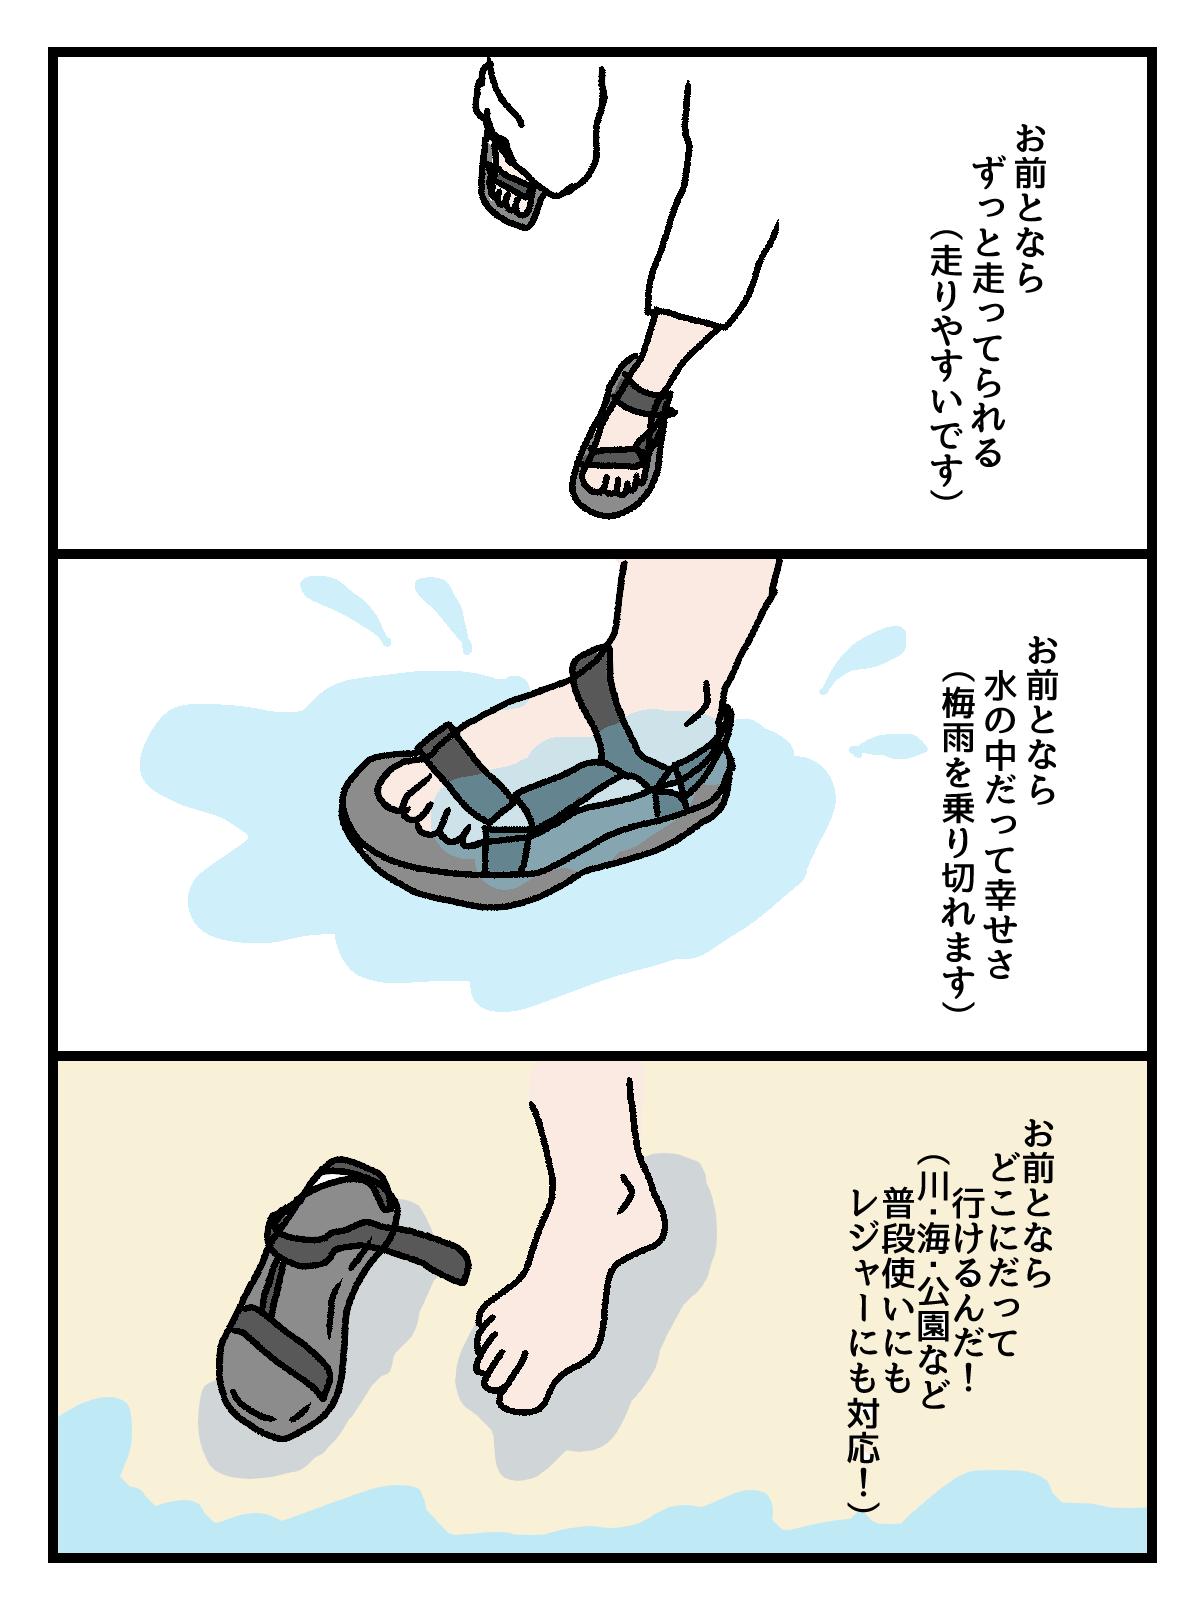 水に濡れるとスニーカーだと気持ち悪いし暑いと蒸れるので夏はサンダルを履くことが多いので子育て主婦にteva(テバ)のサンダルをオススメする漫画